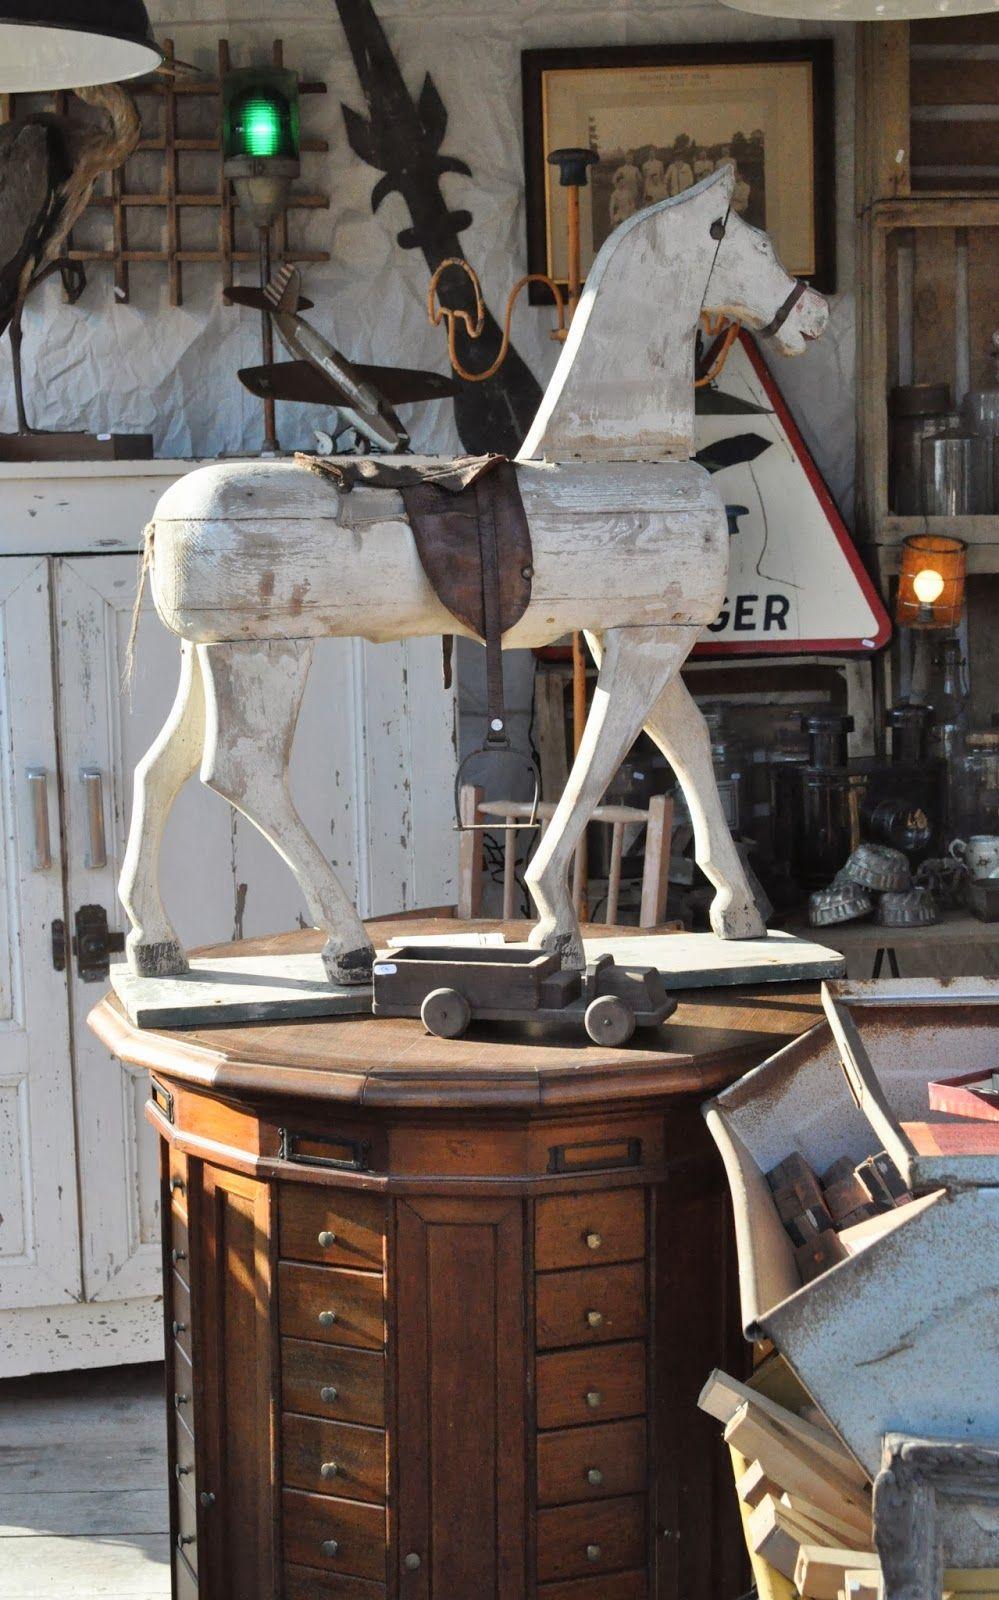 brocante de la bruyère à la foire de chatou | horse | pinterest | la